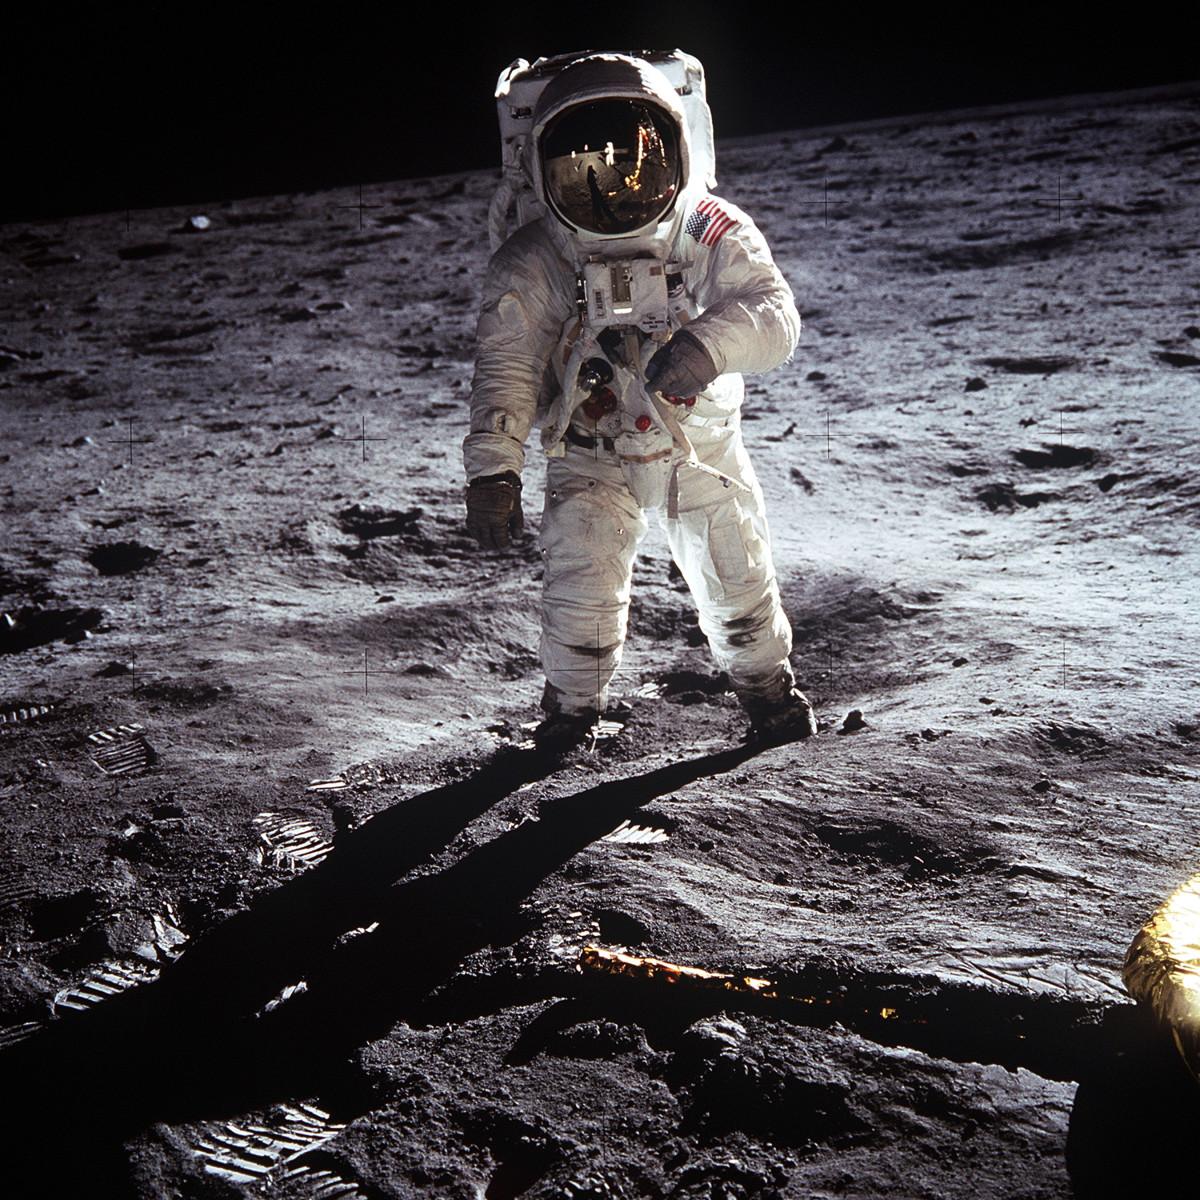 1969: Moon landing accomplished